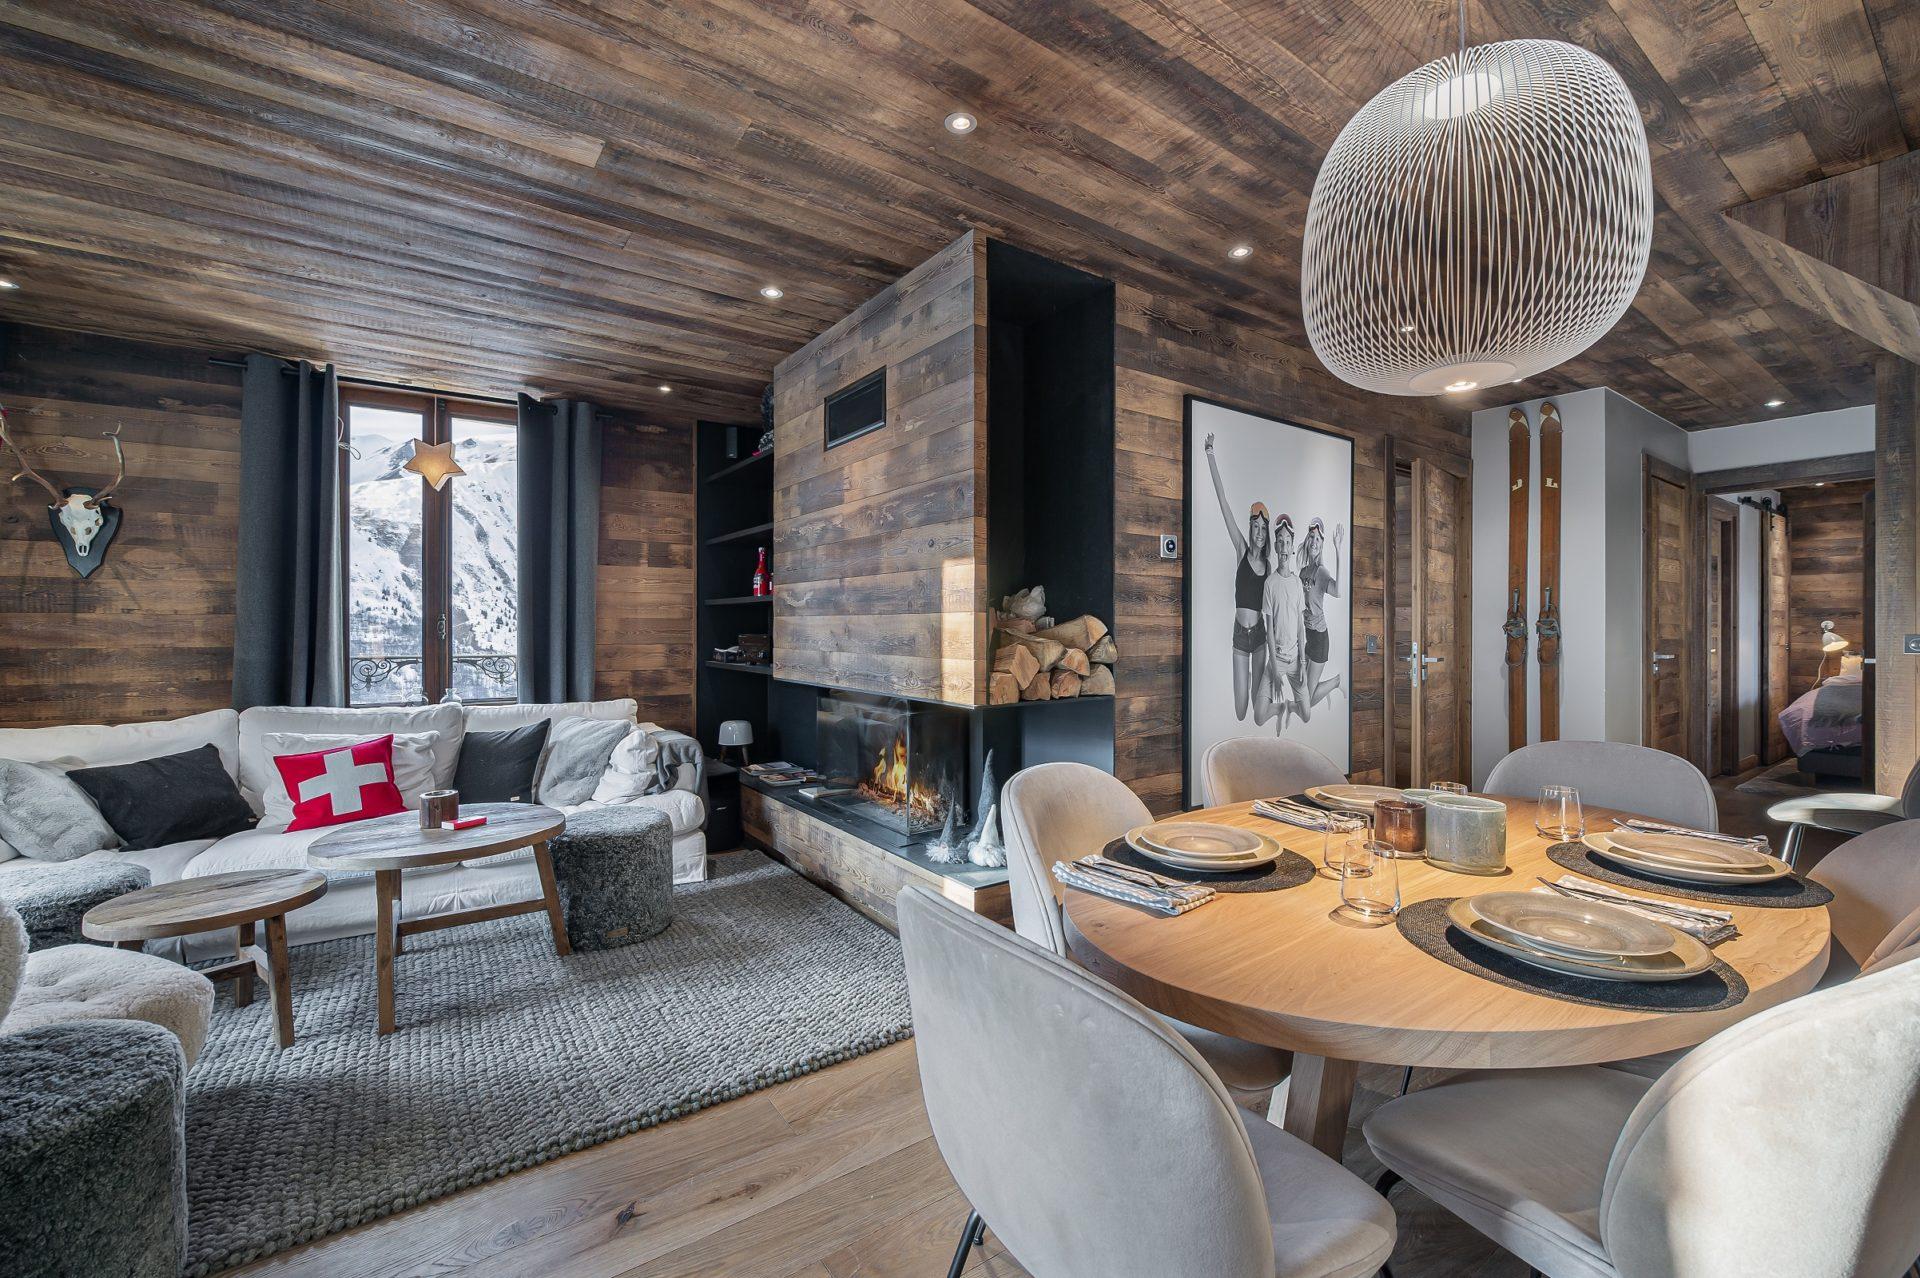 L'Epicerie / Appartement 3 / Vue ensemble / Saint Martin de Belleville, Savoie